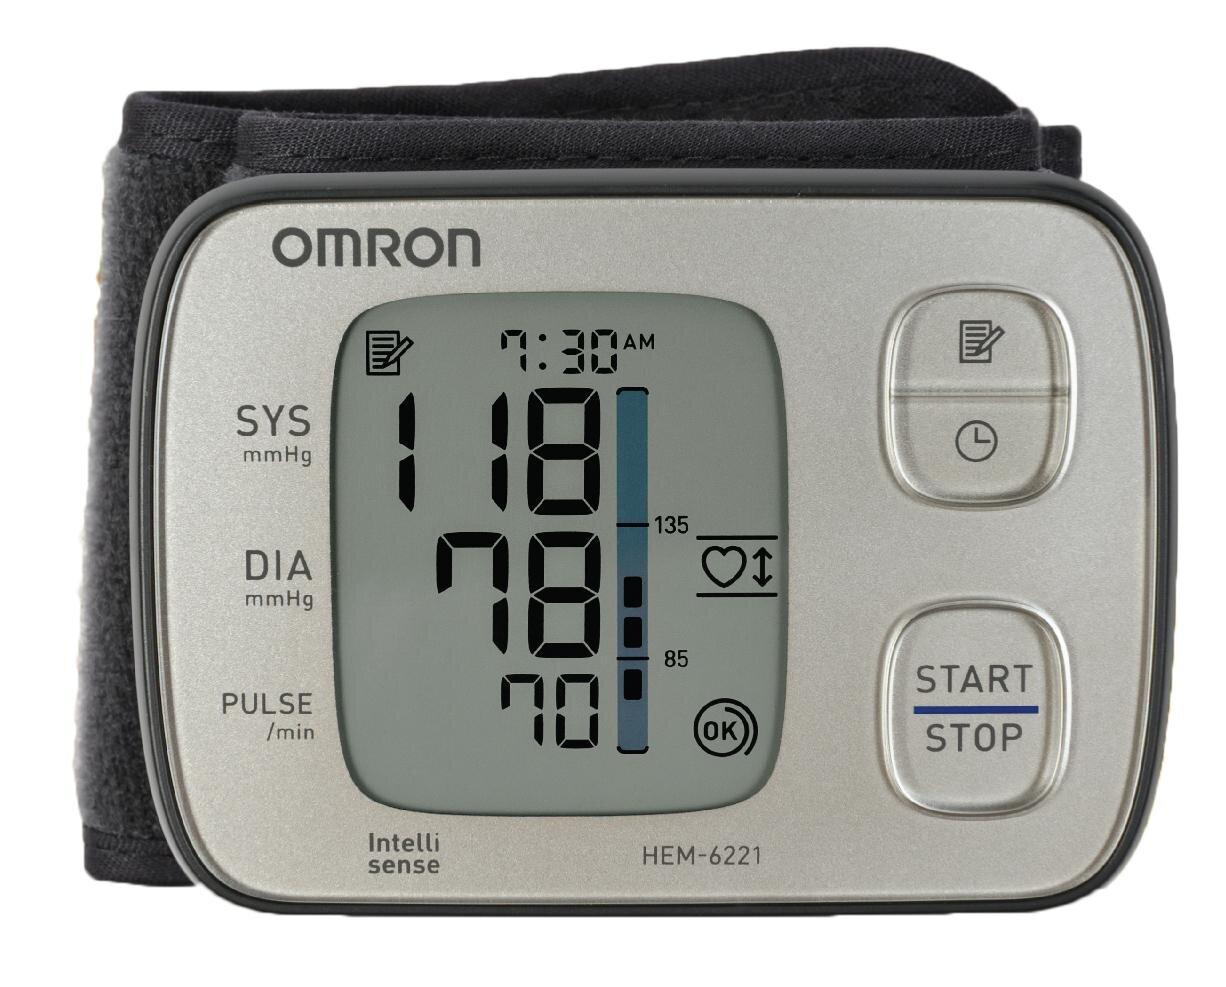 Nên mua máy đo huyết áp điện tử hãng nào tốt nhất